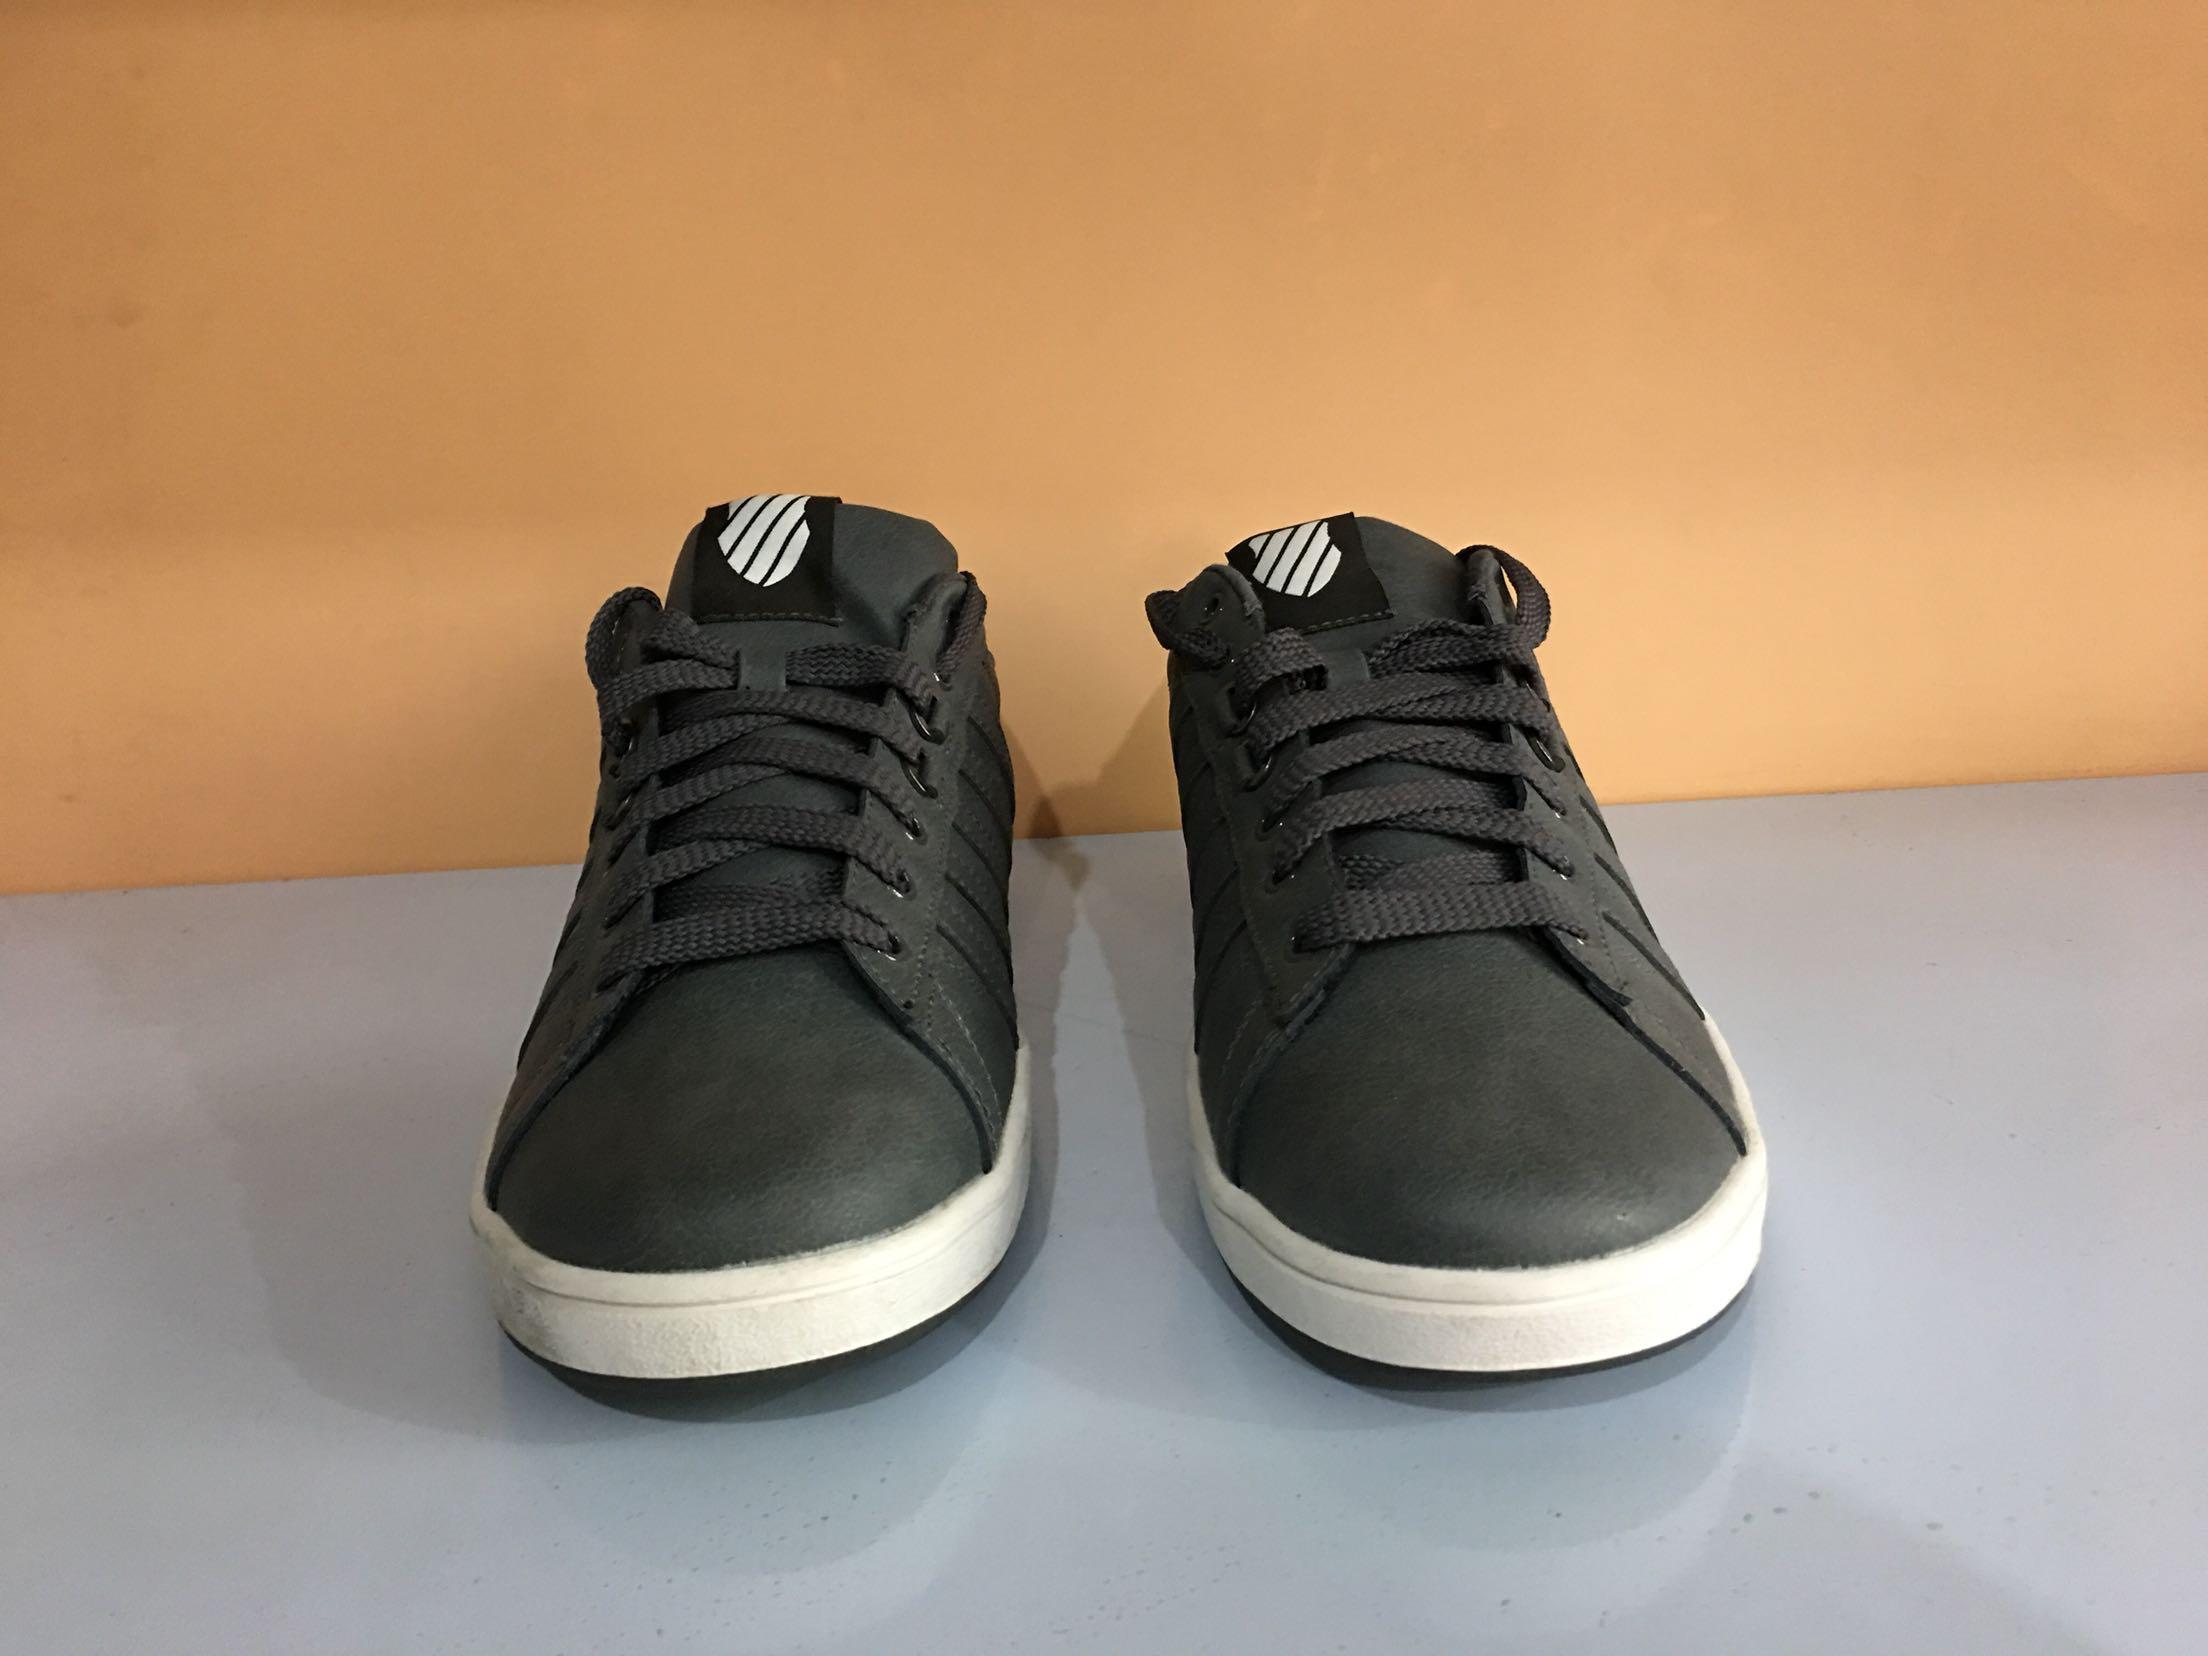 45 牛皮男士街头潮流旅游鞋 威时尚百搭耐磨休闲鞋 s 正品海外版盖